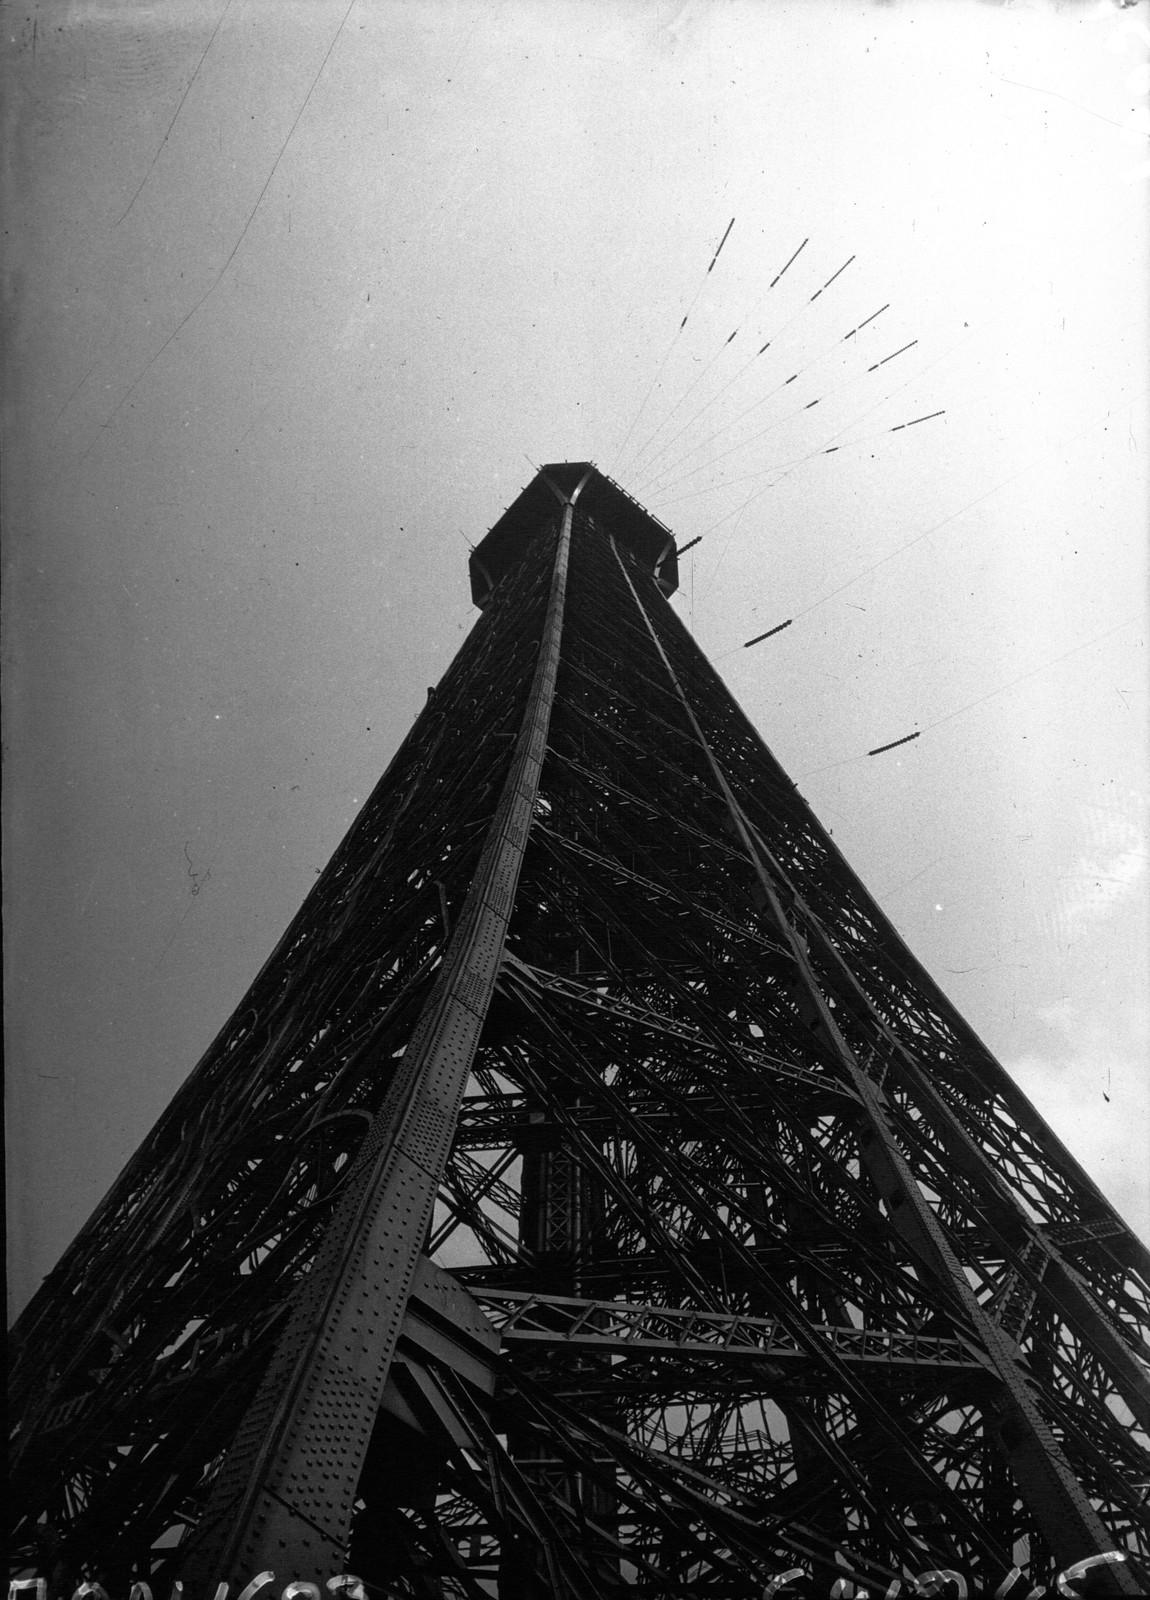 1932. Деформация Эйфелевой башни